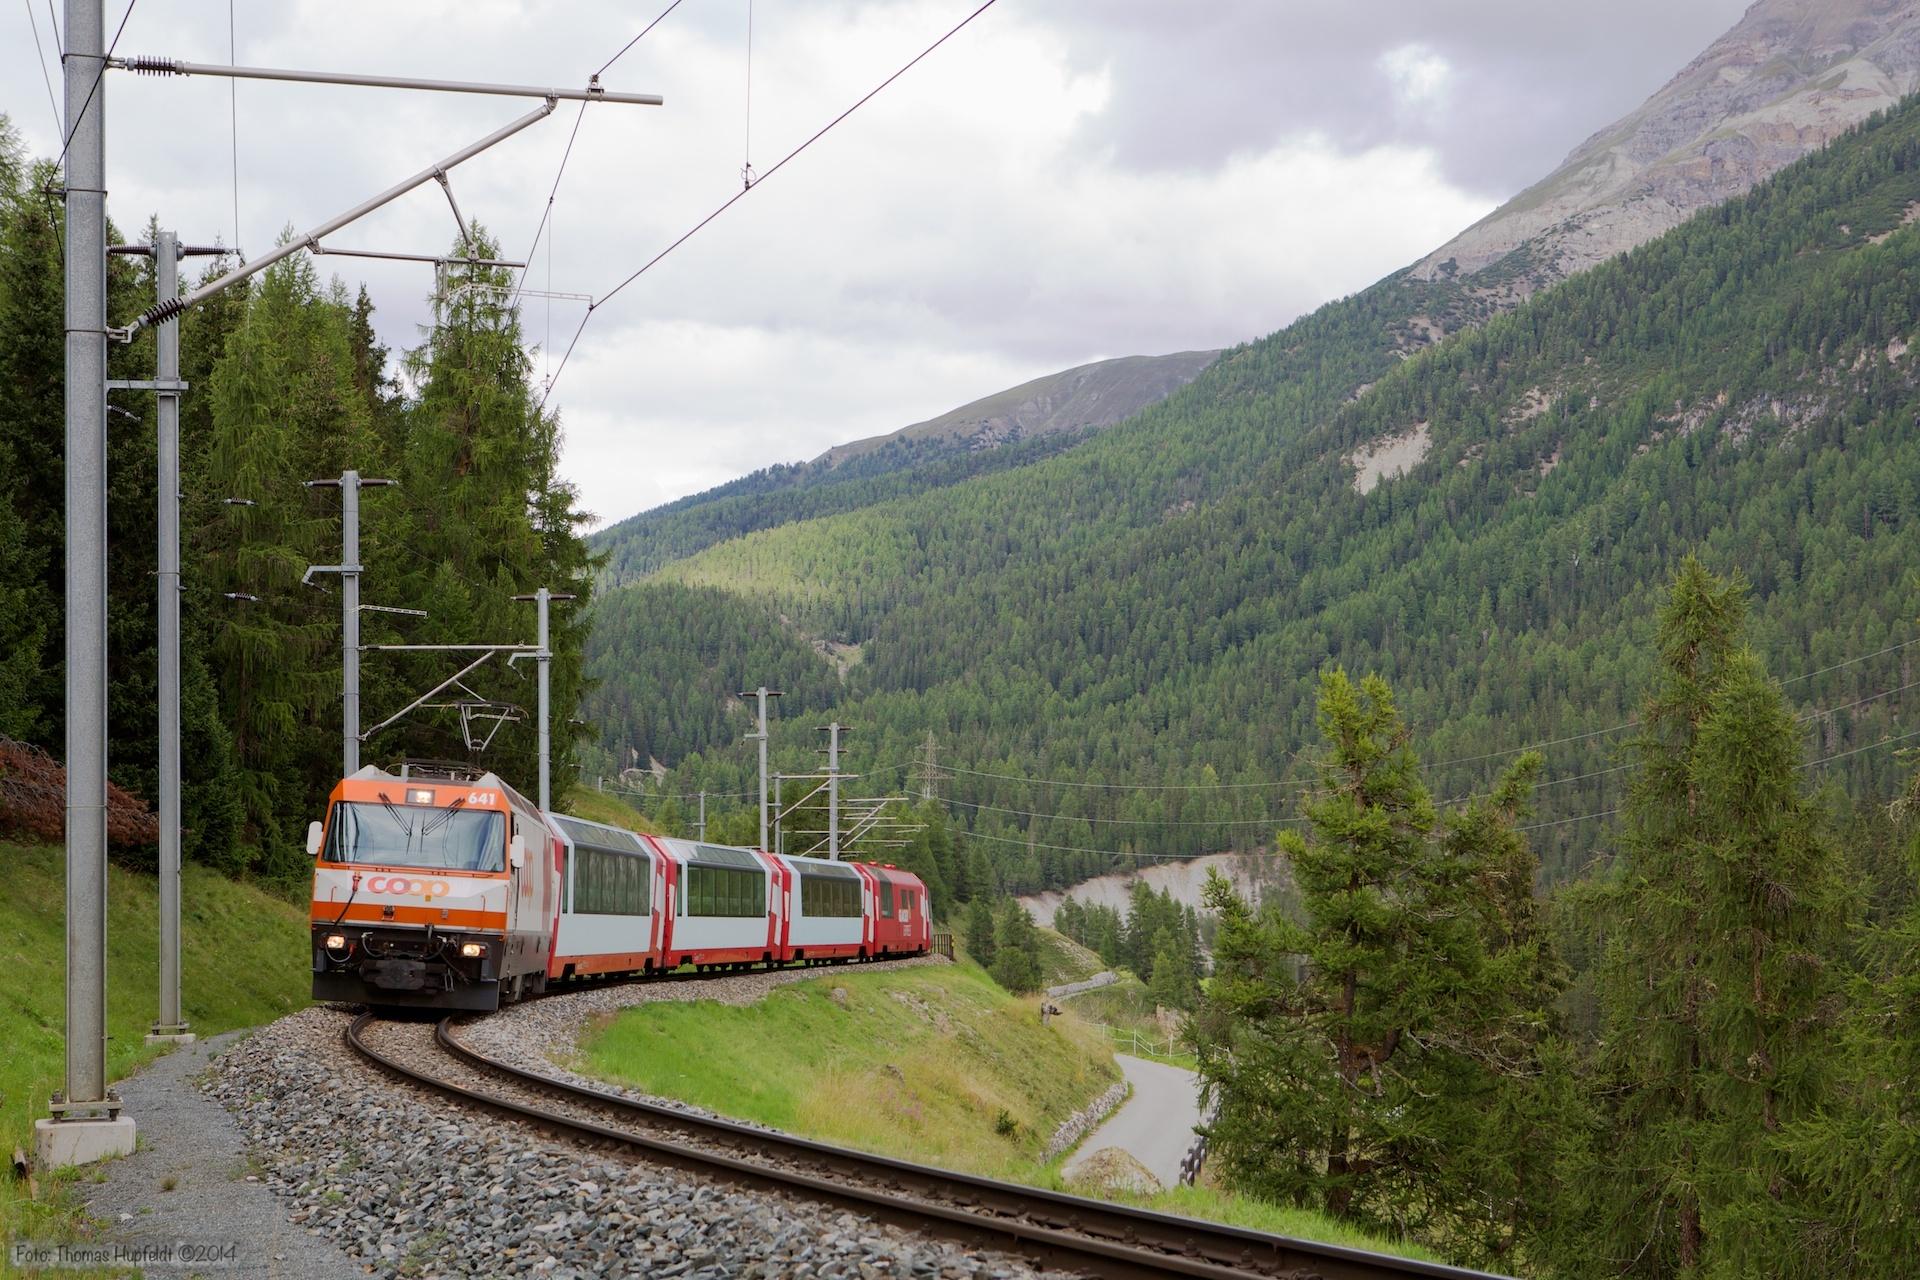 RhB Ge 4/4 III 641 med 7 vogne som 904 (Klosters-Vereina) mellem Cinous-Chel-Brail og S-chanf - 14.08.2014